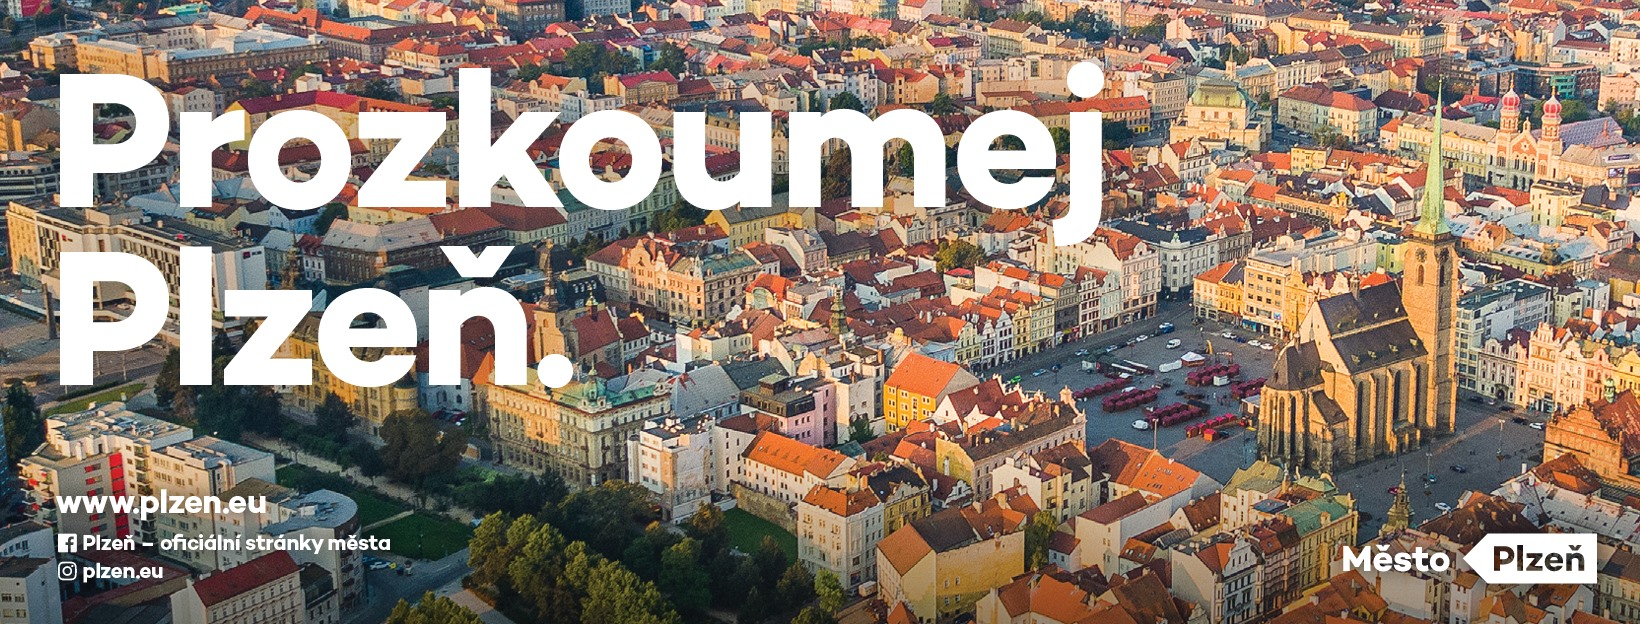 Plzeň - oficiální stránky města